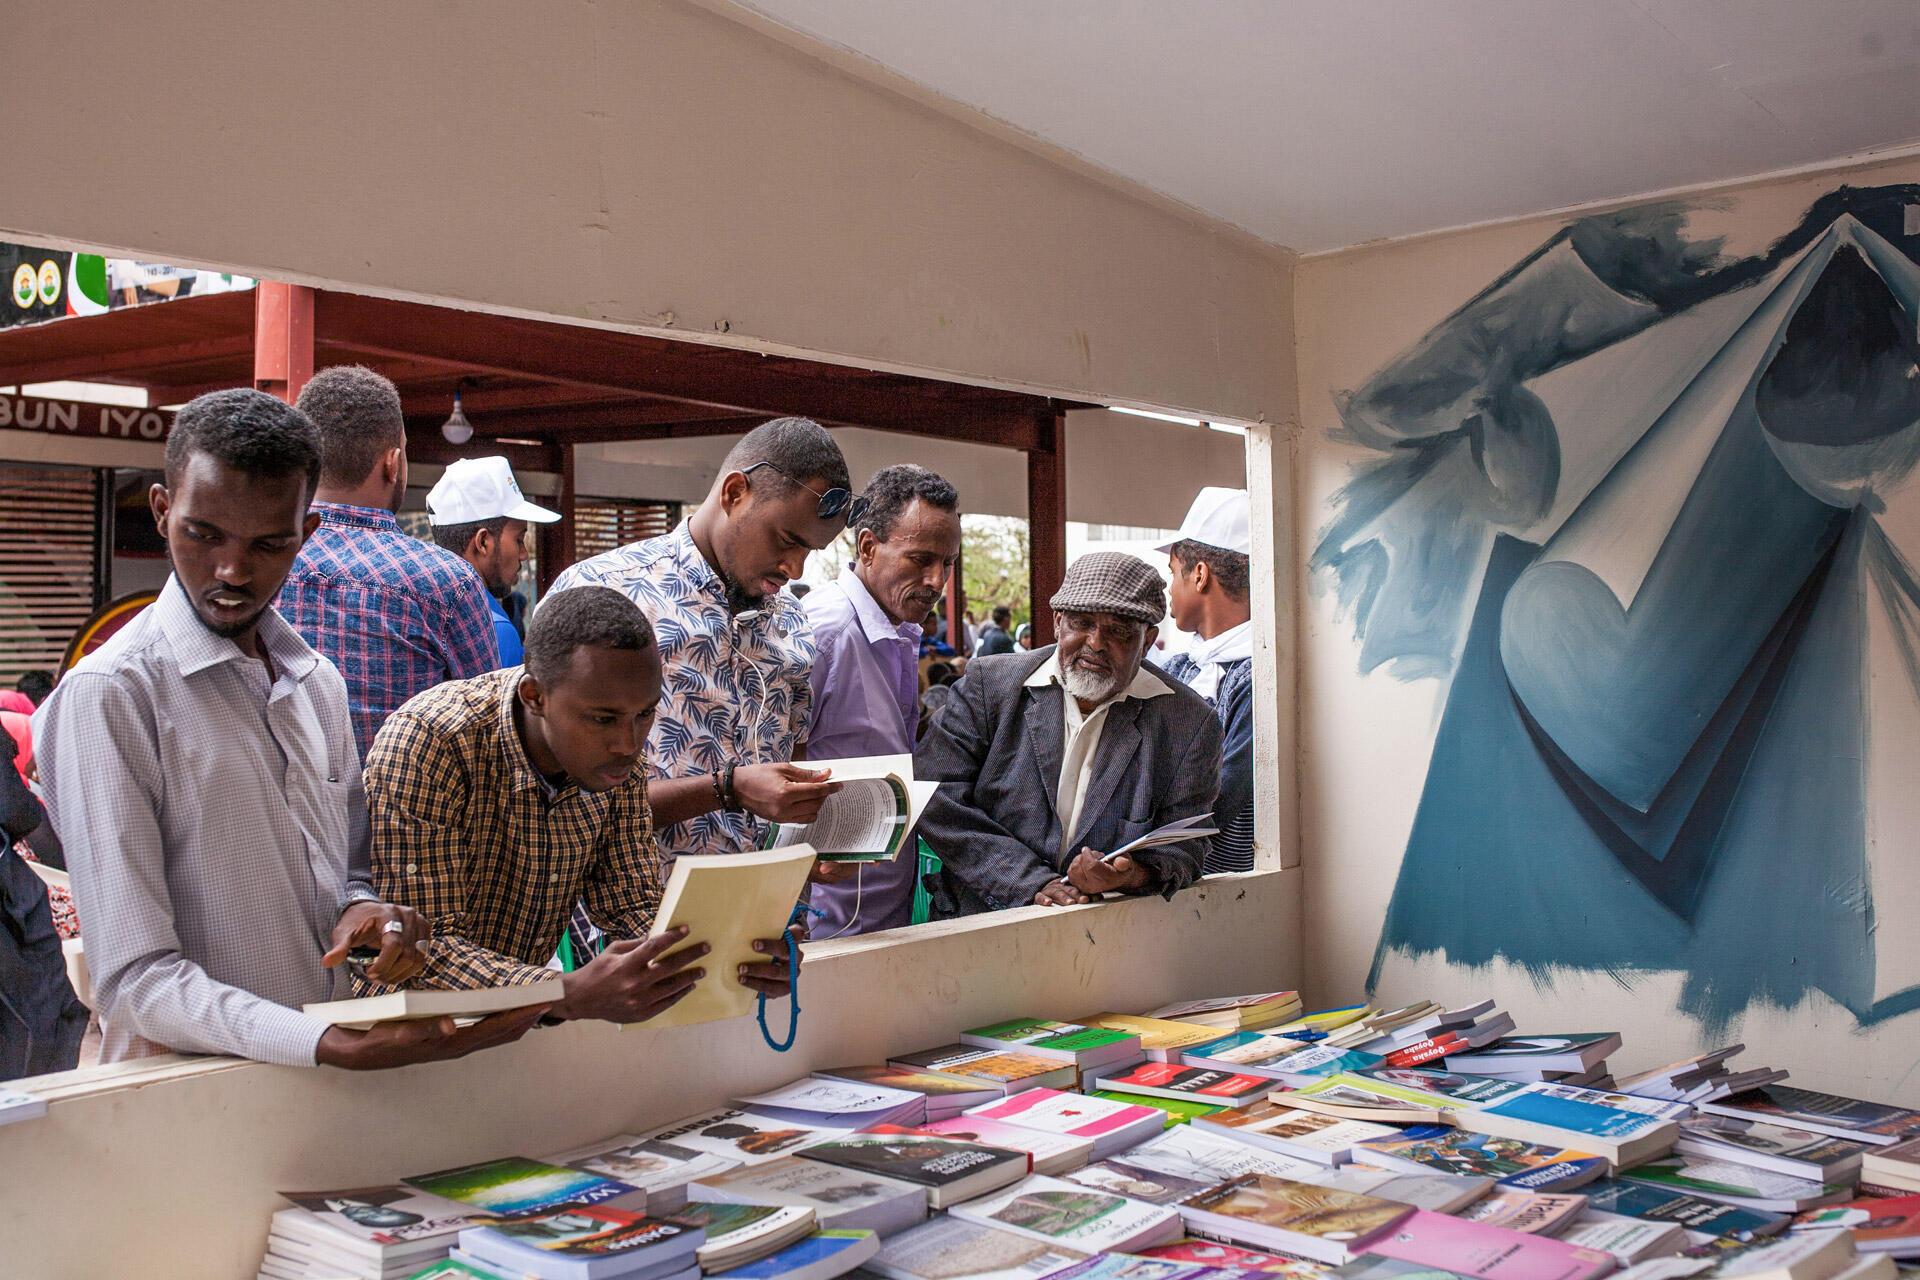 Une échoppe de livres à Hargeisa au Somaliland. (Image d'illustration)